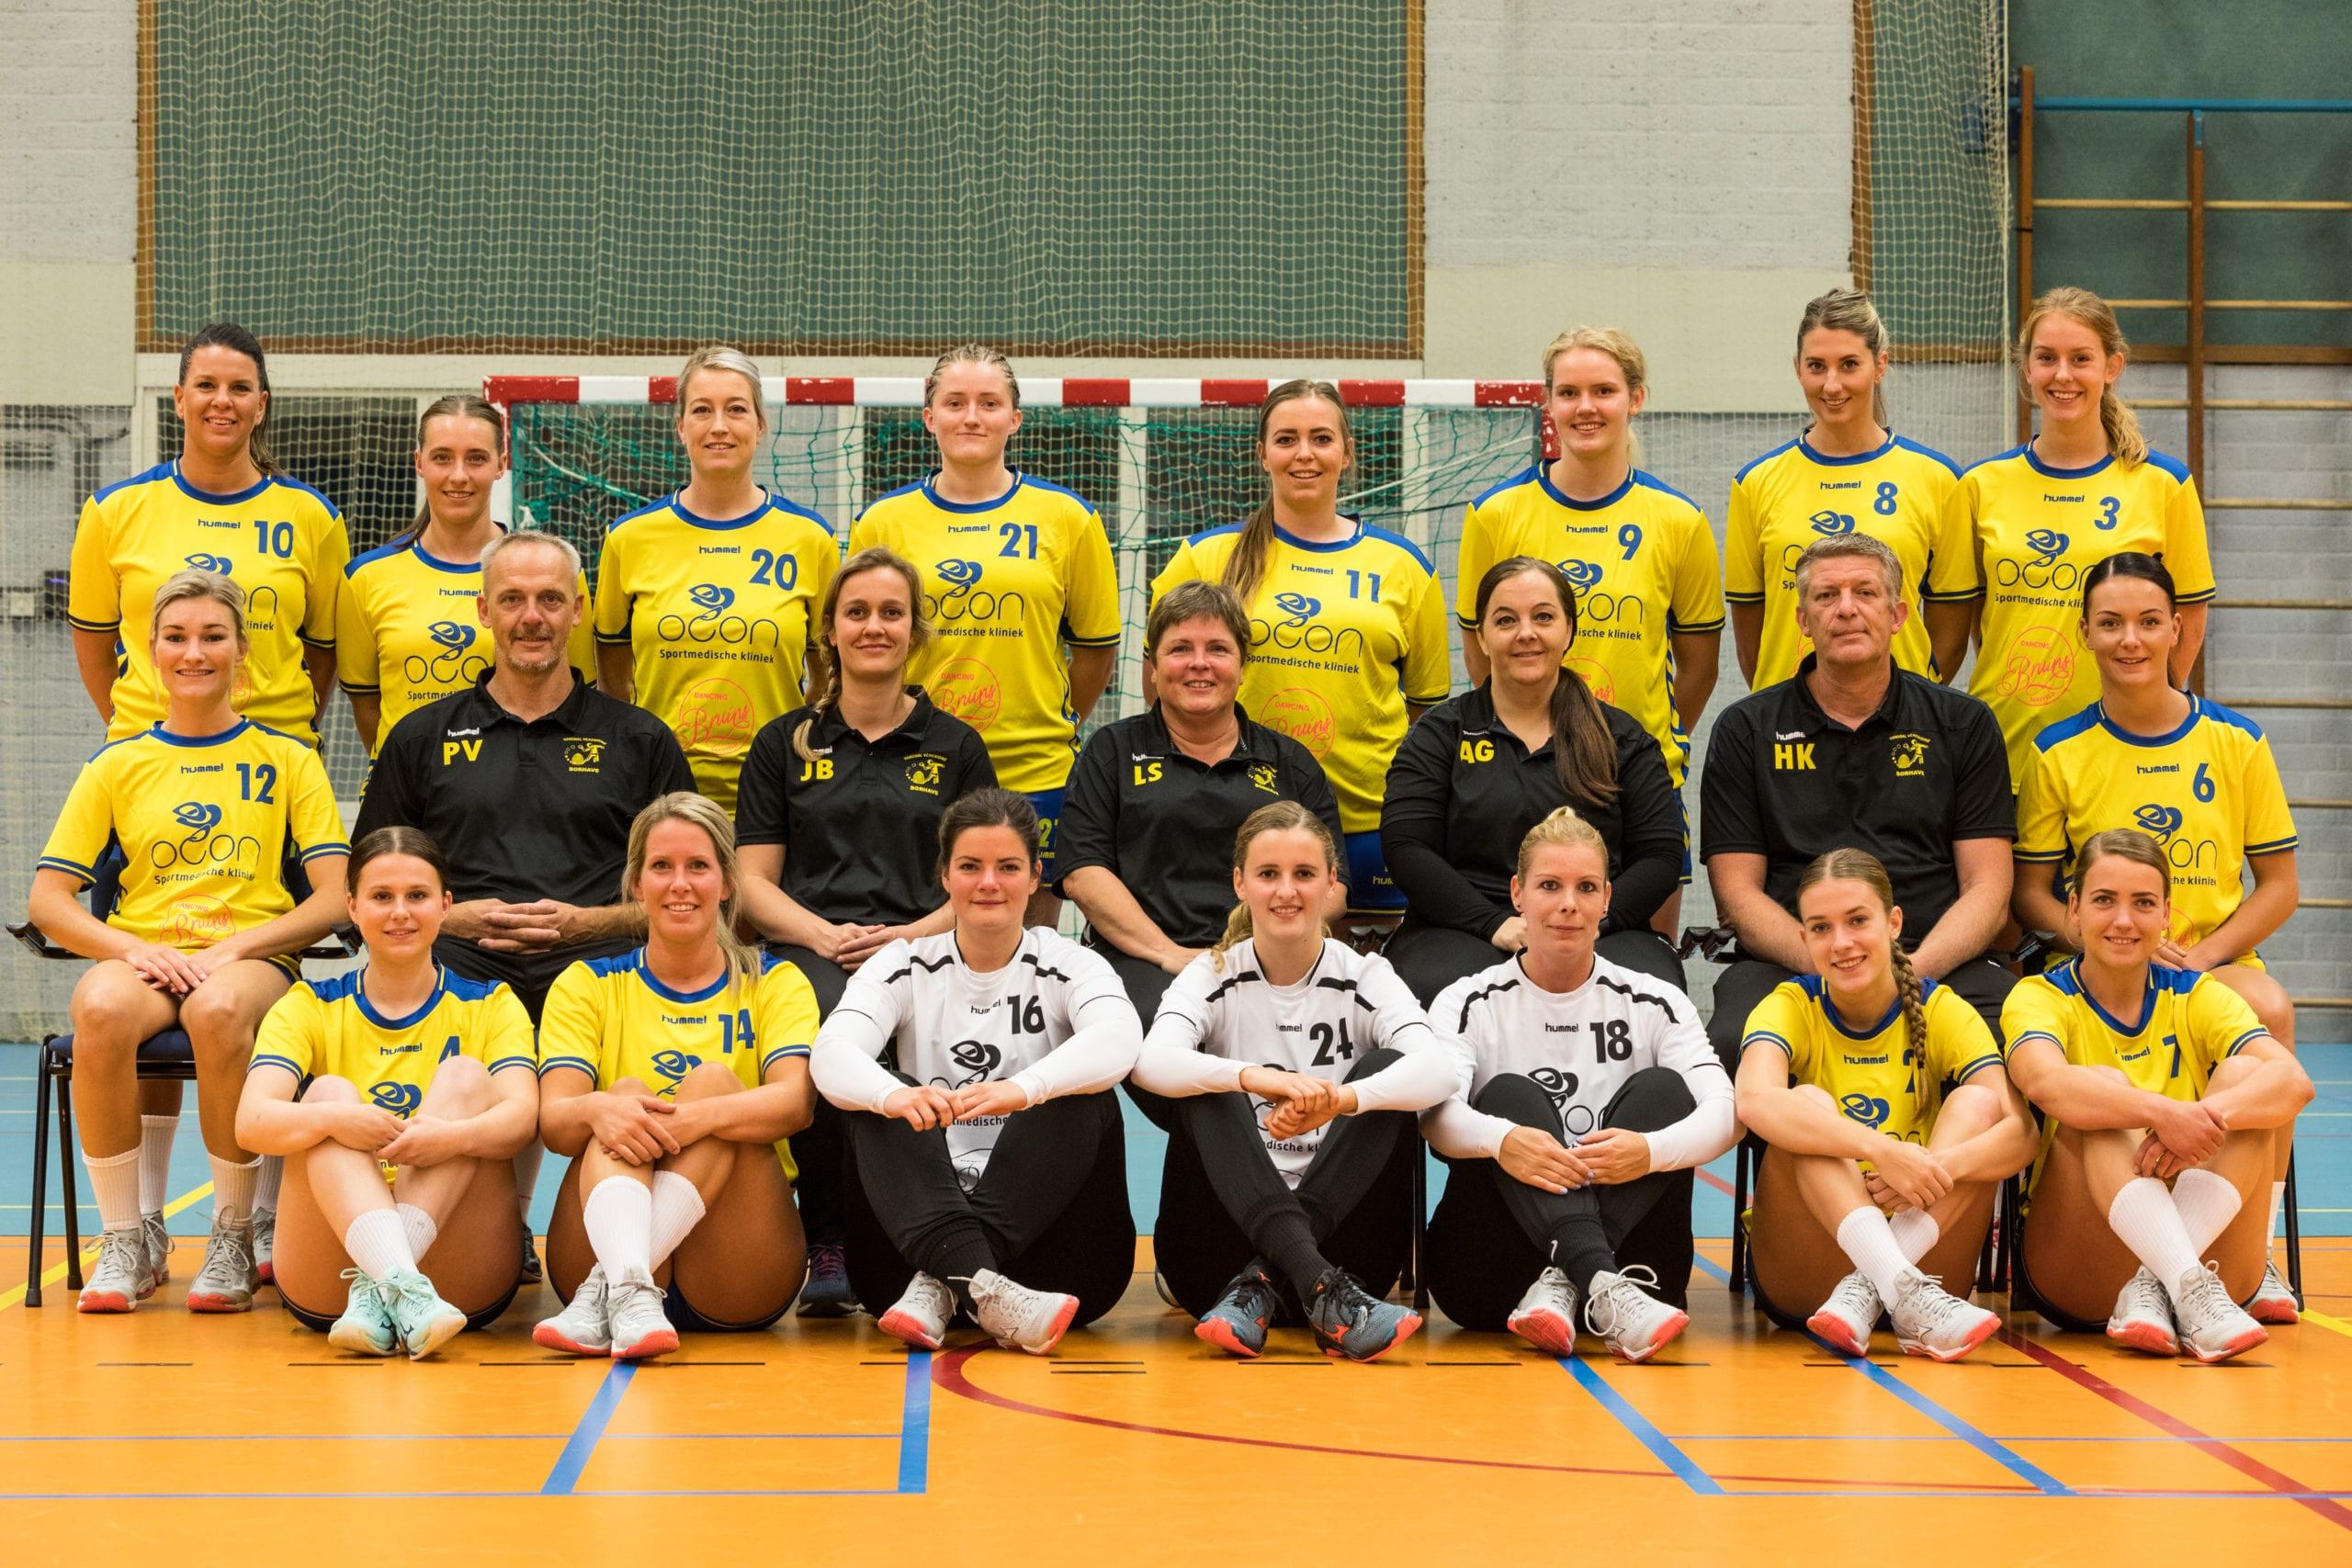 hza20190906 053092 team - ✅ | Borhave wint seizoensouverture!